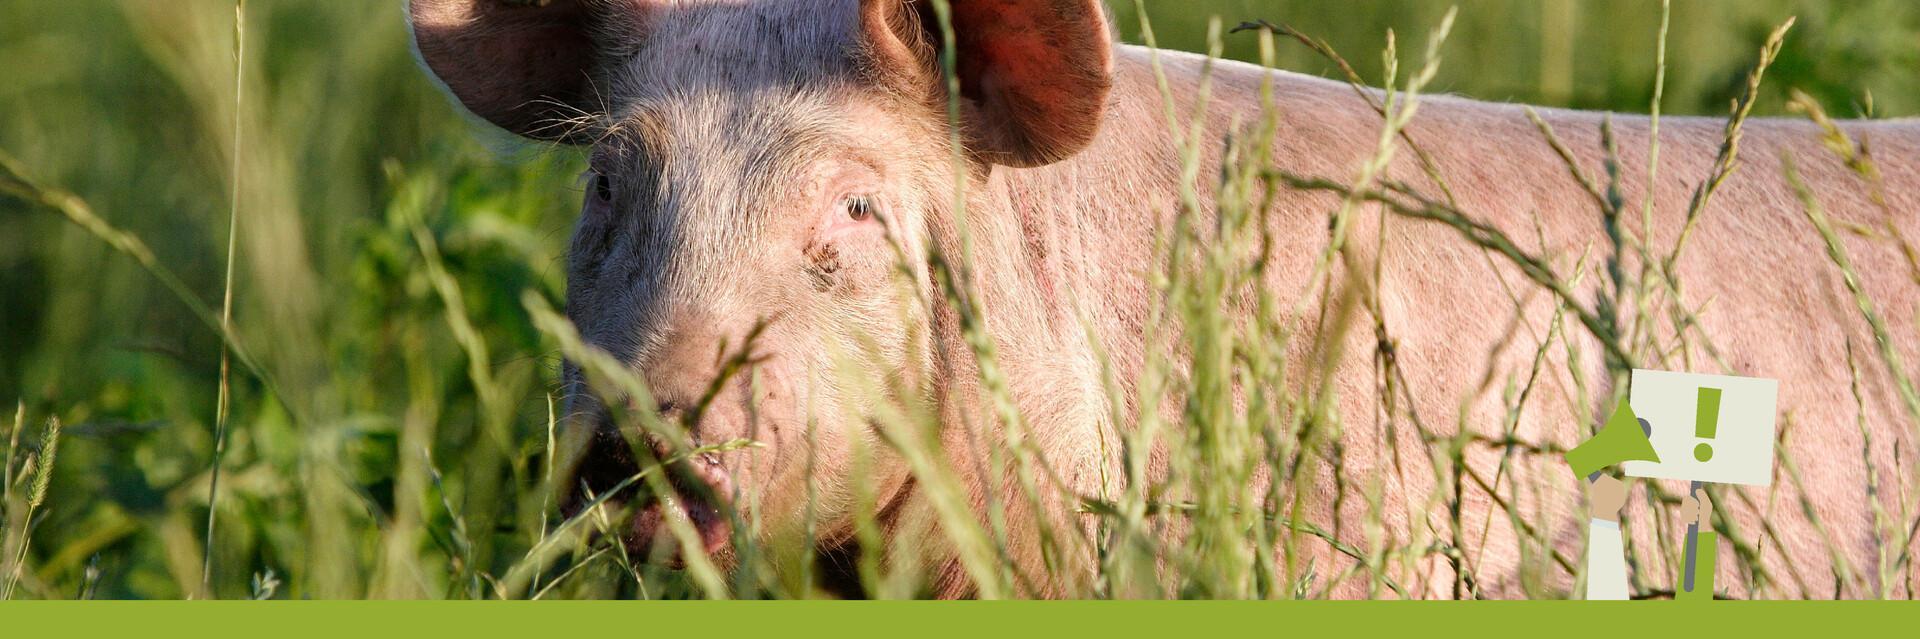 Schwein in der Wiese